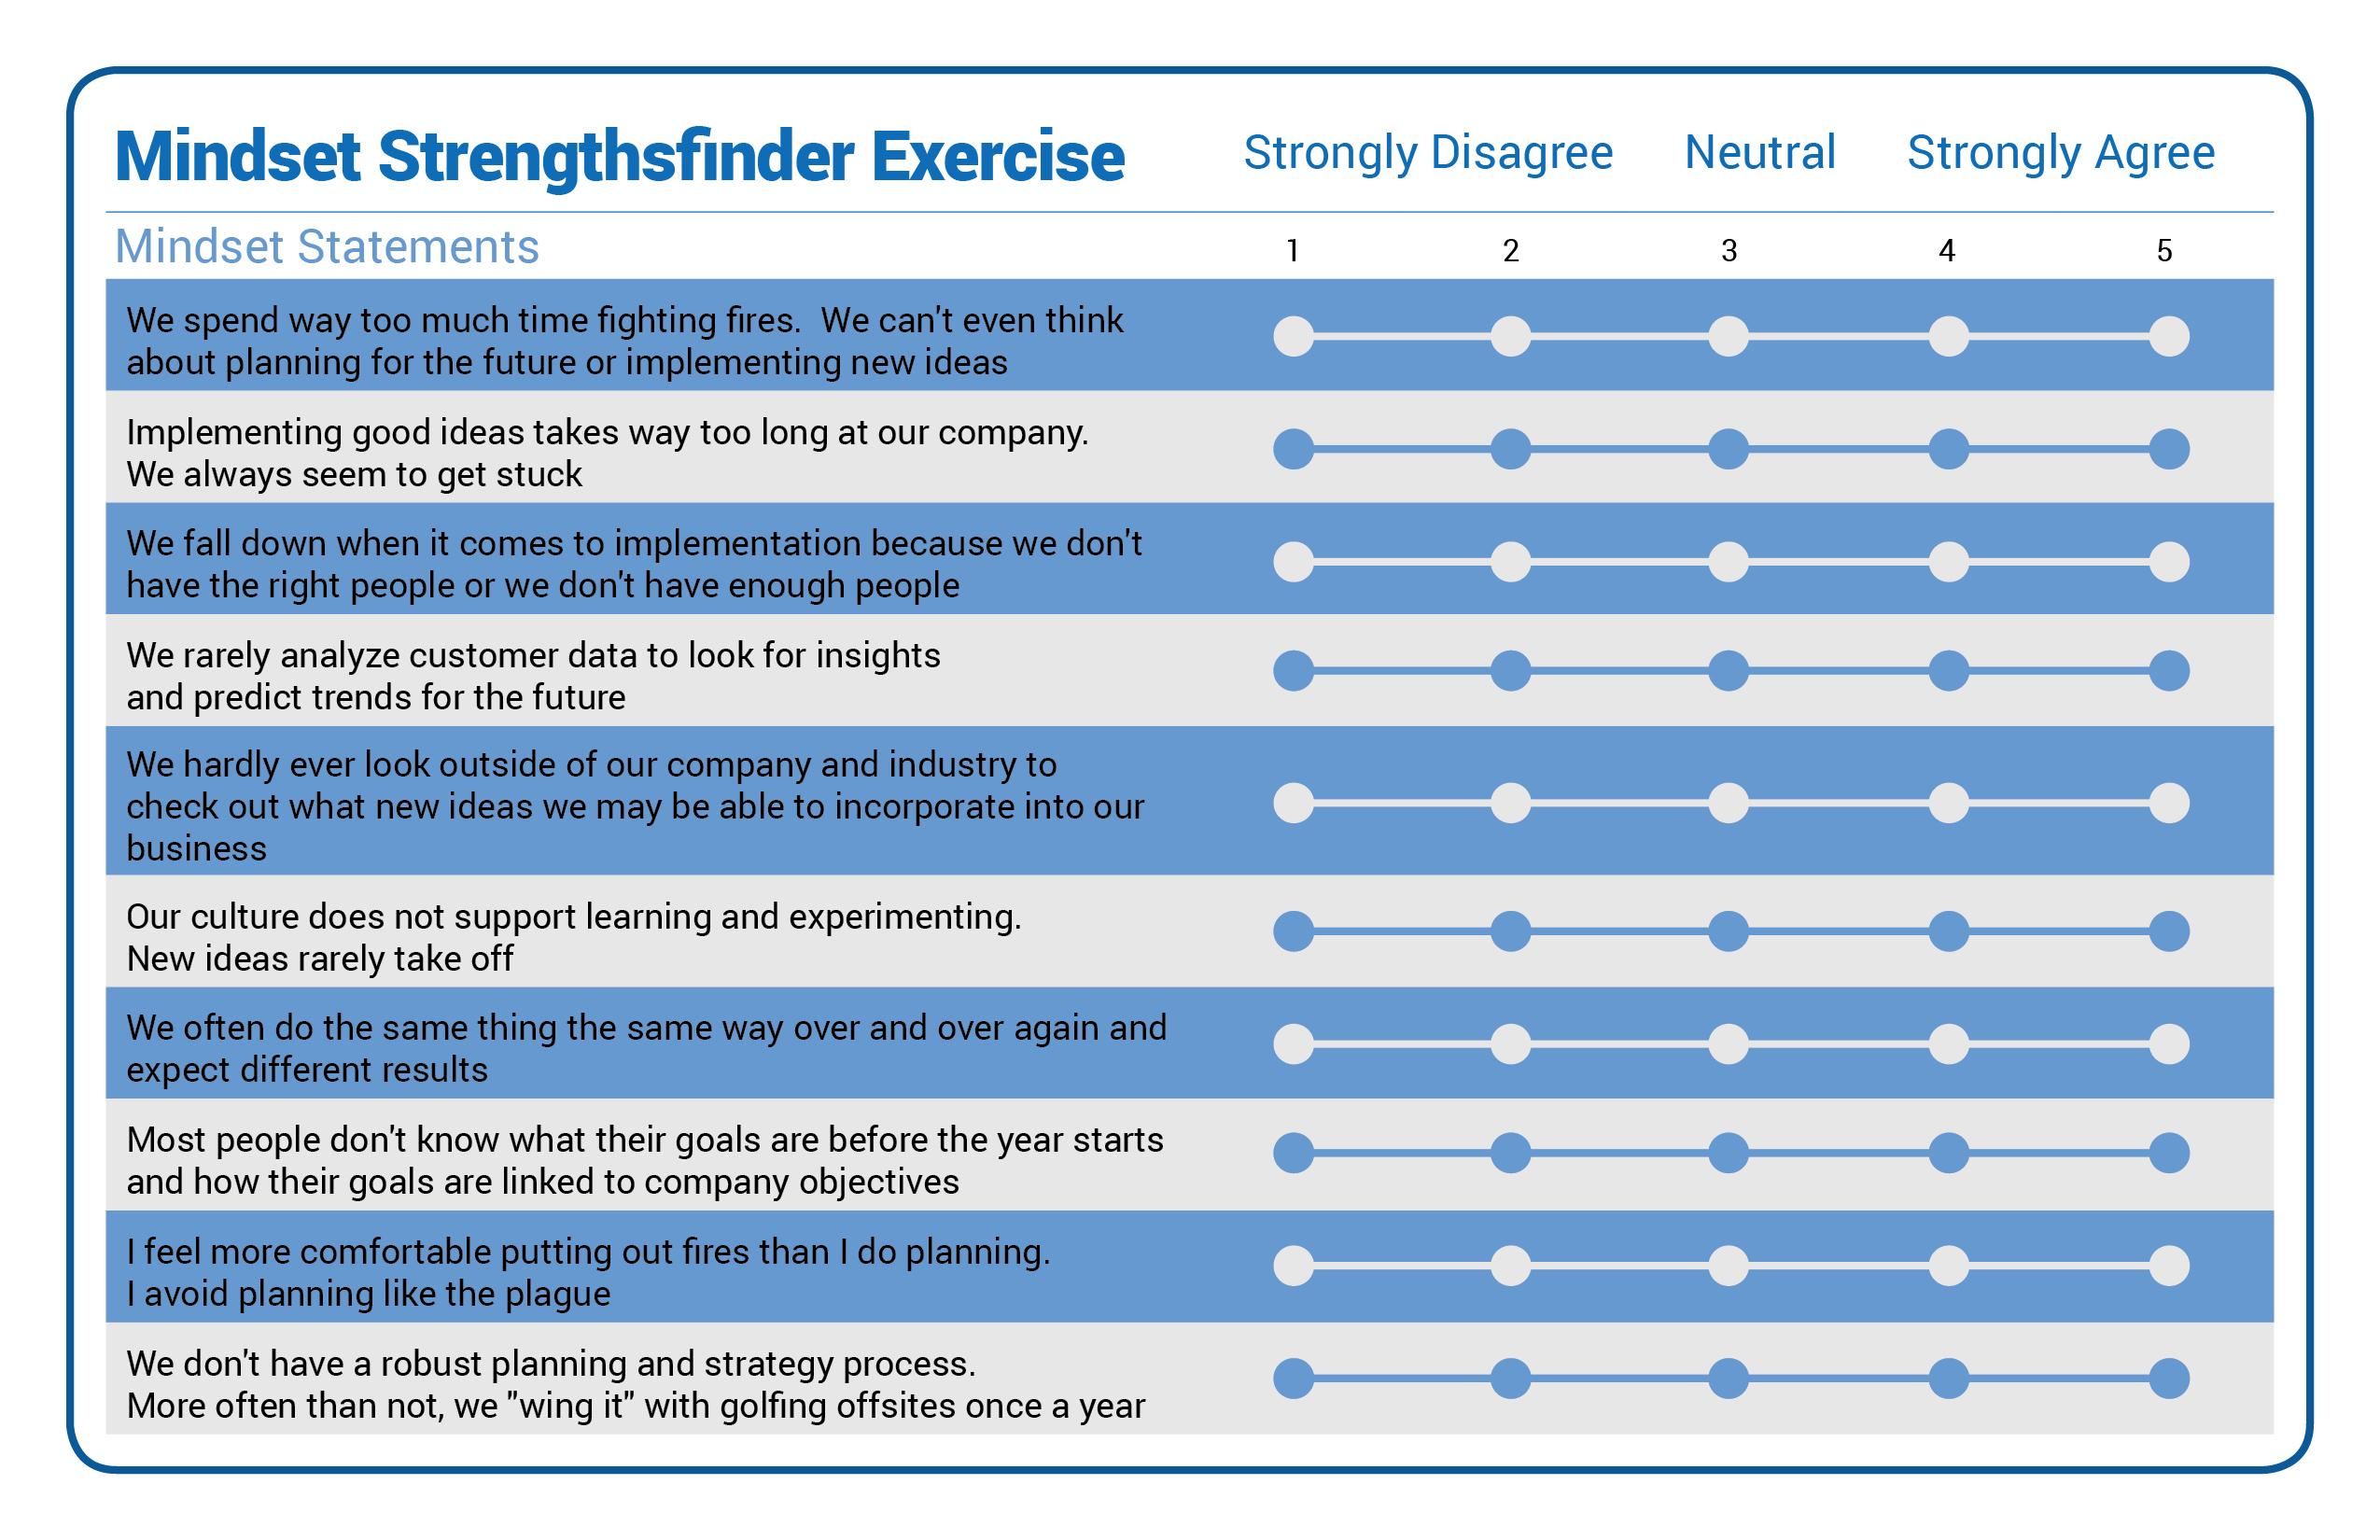 Mindset_Strengthsfinder_Exercise